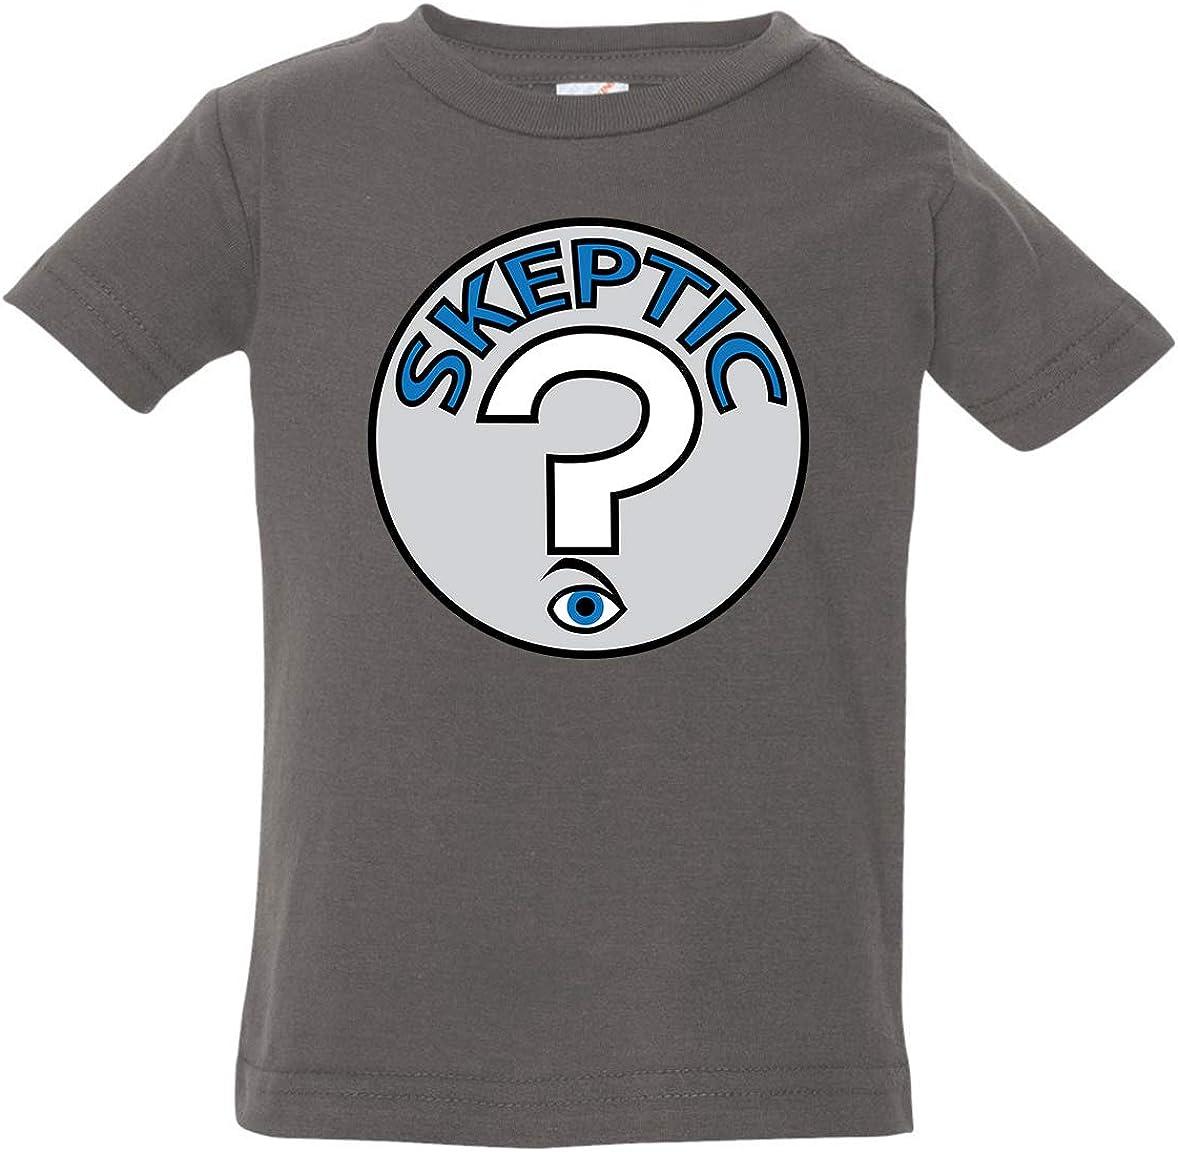 Tenacitee Babys Skeptic Badge Shirt